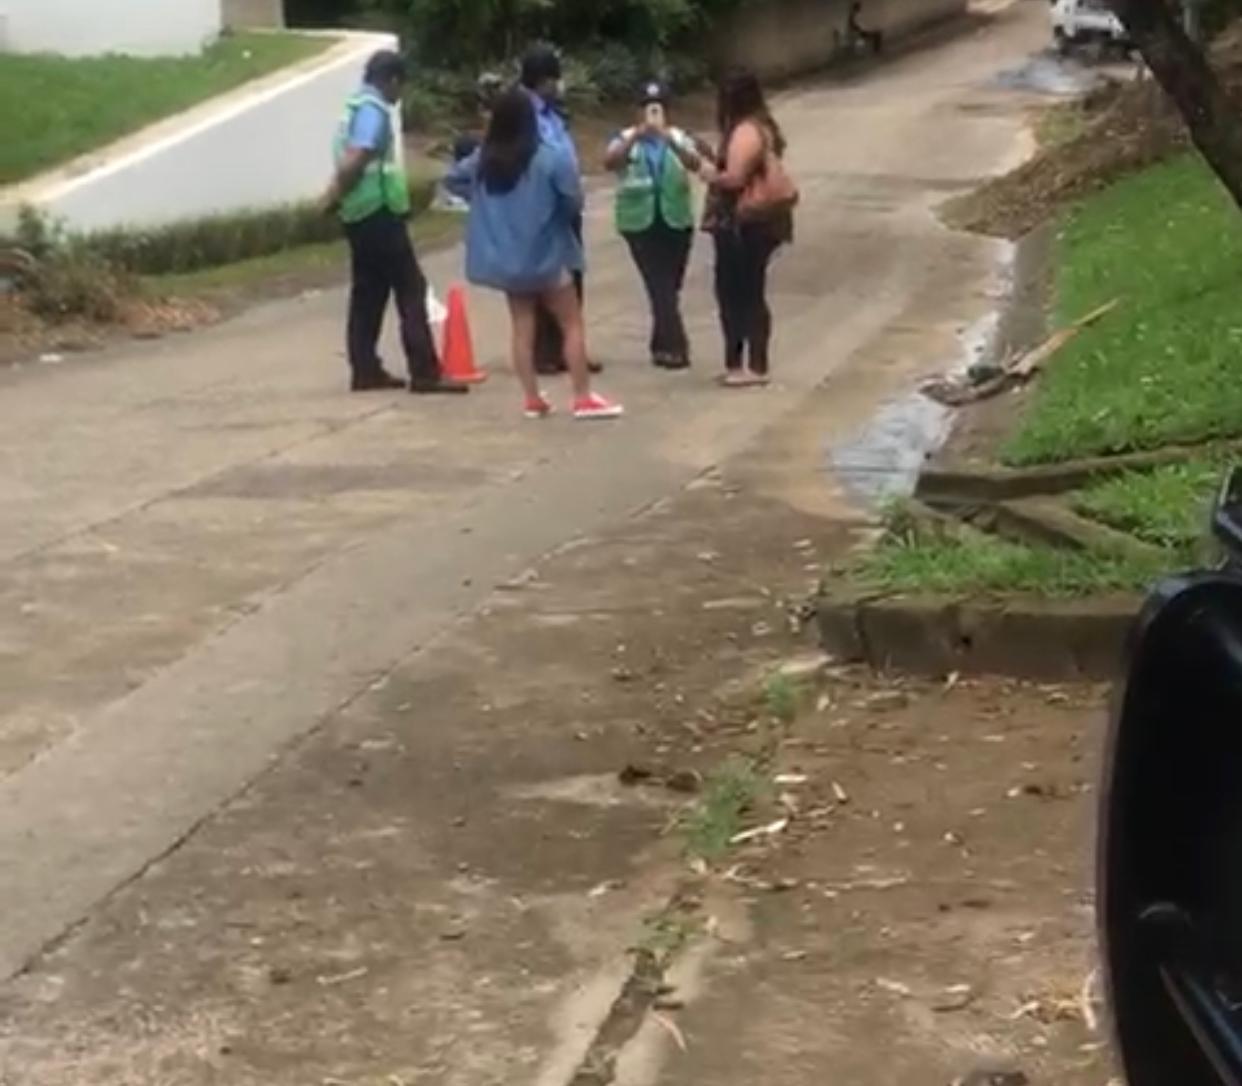 Policía Orteguista incrementa asedio y persecución a jóvenes opositores